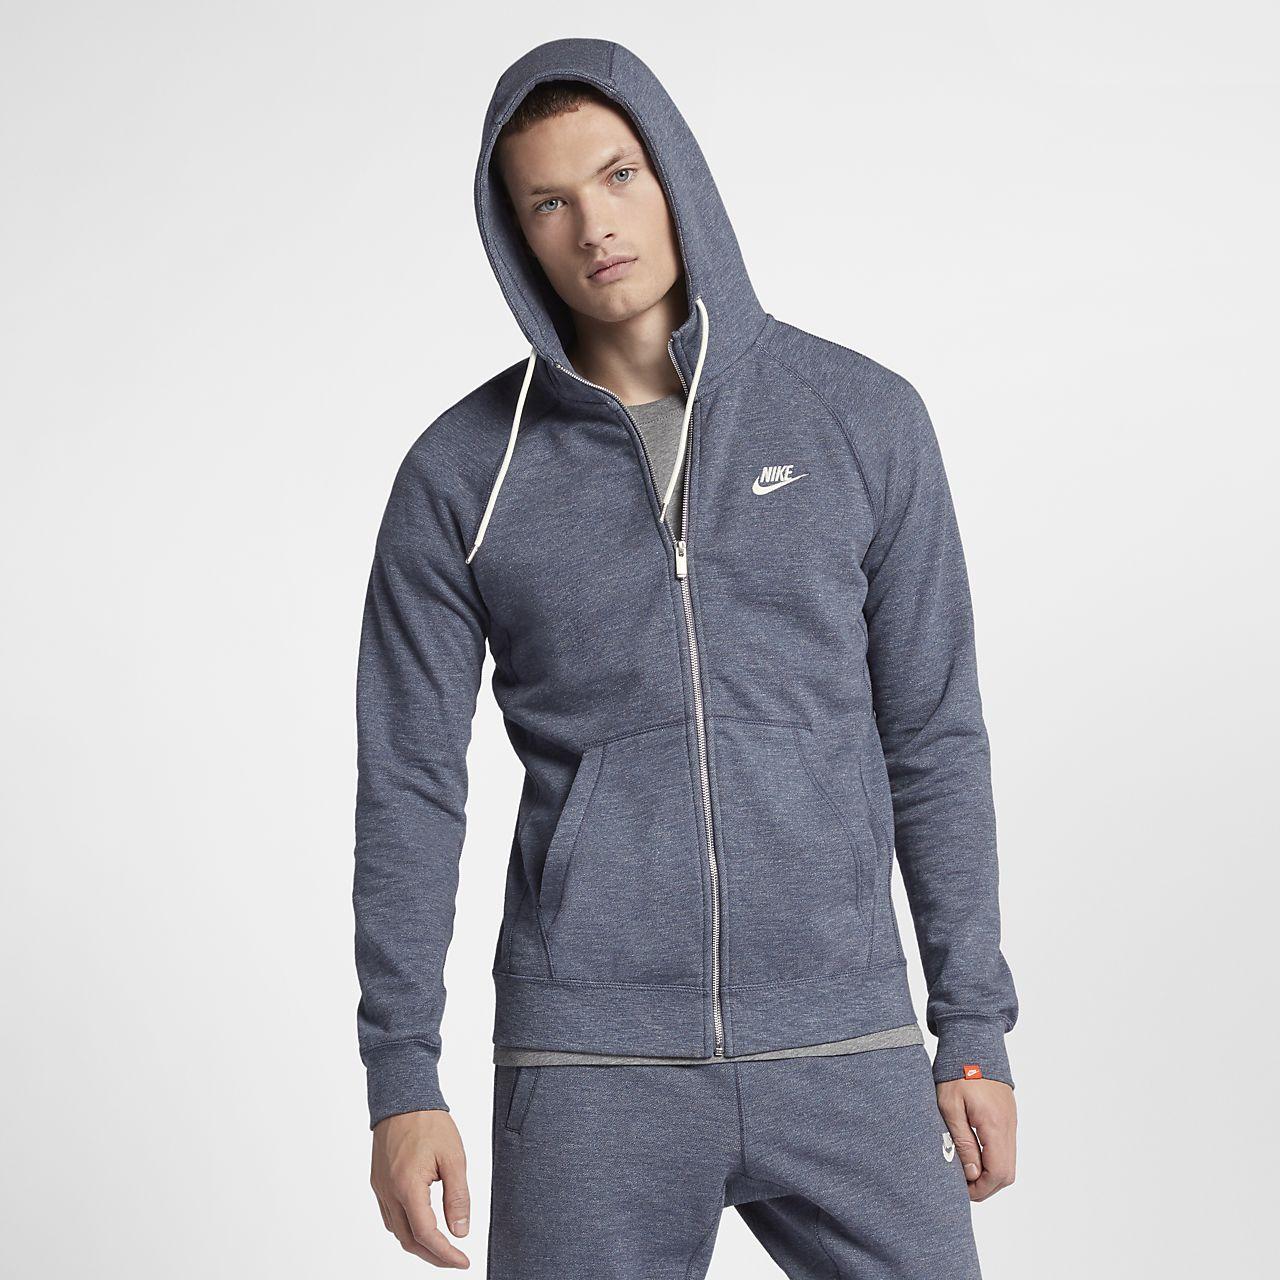 ... Nike Sportswear Legacy Men's Full-Zip Hoodie